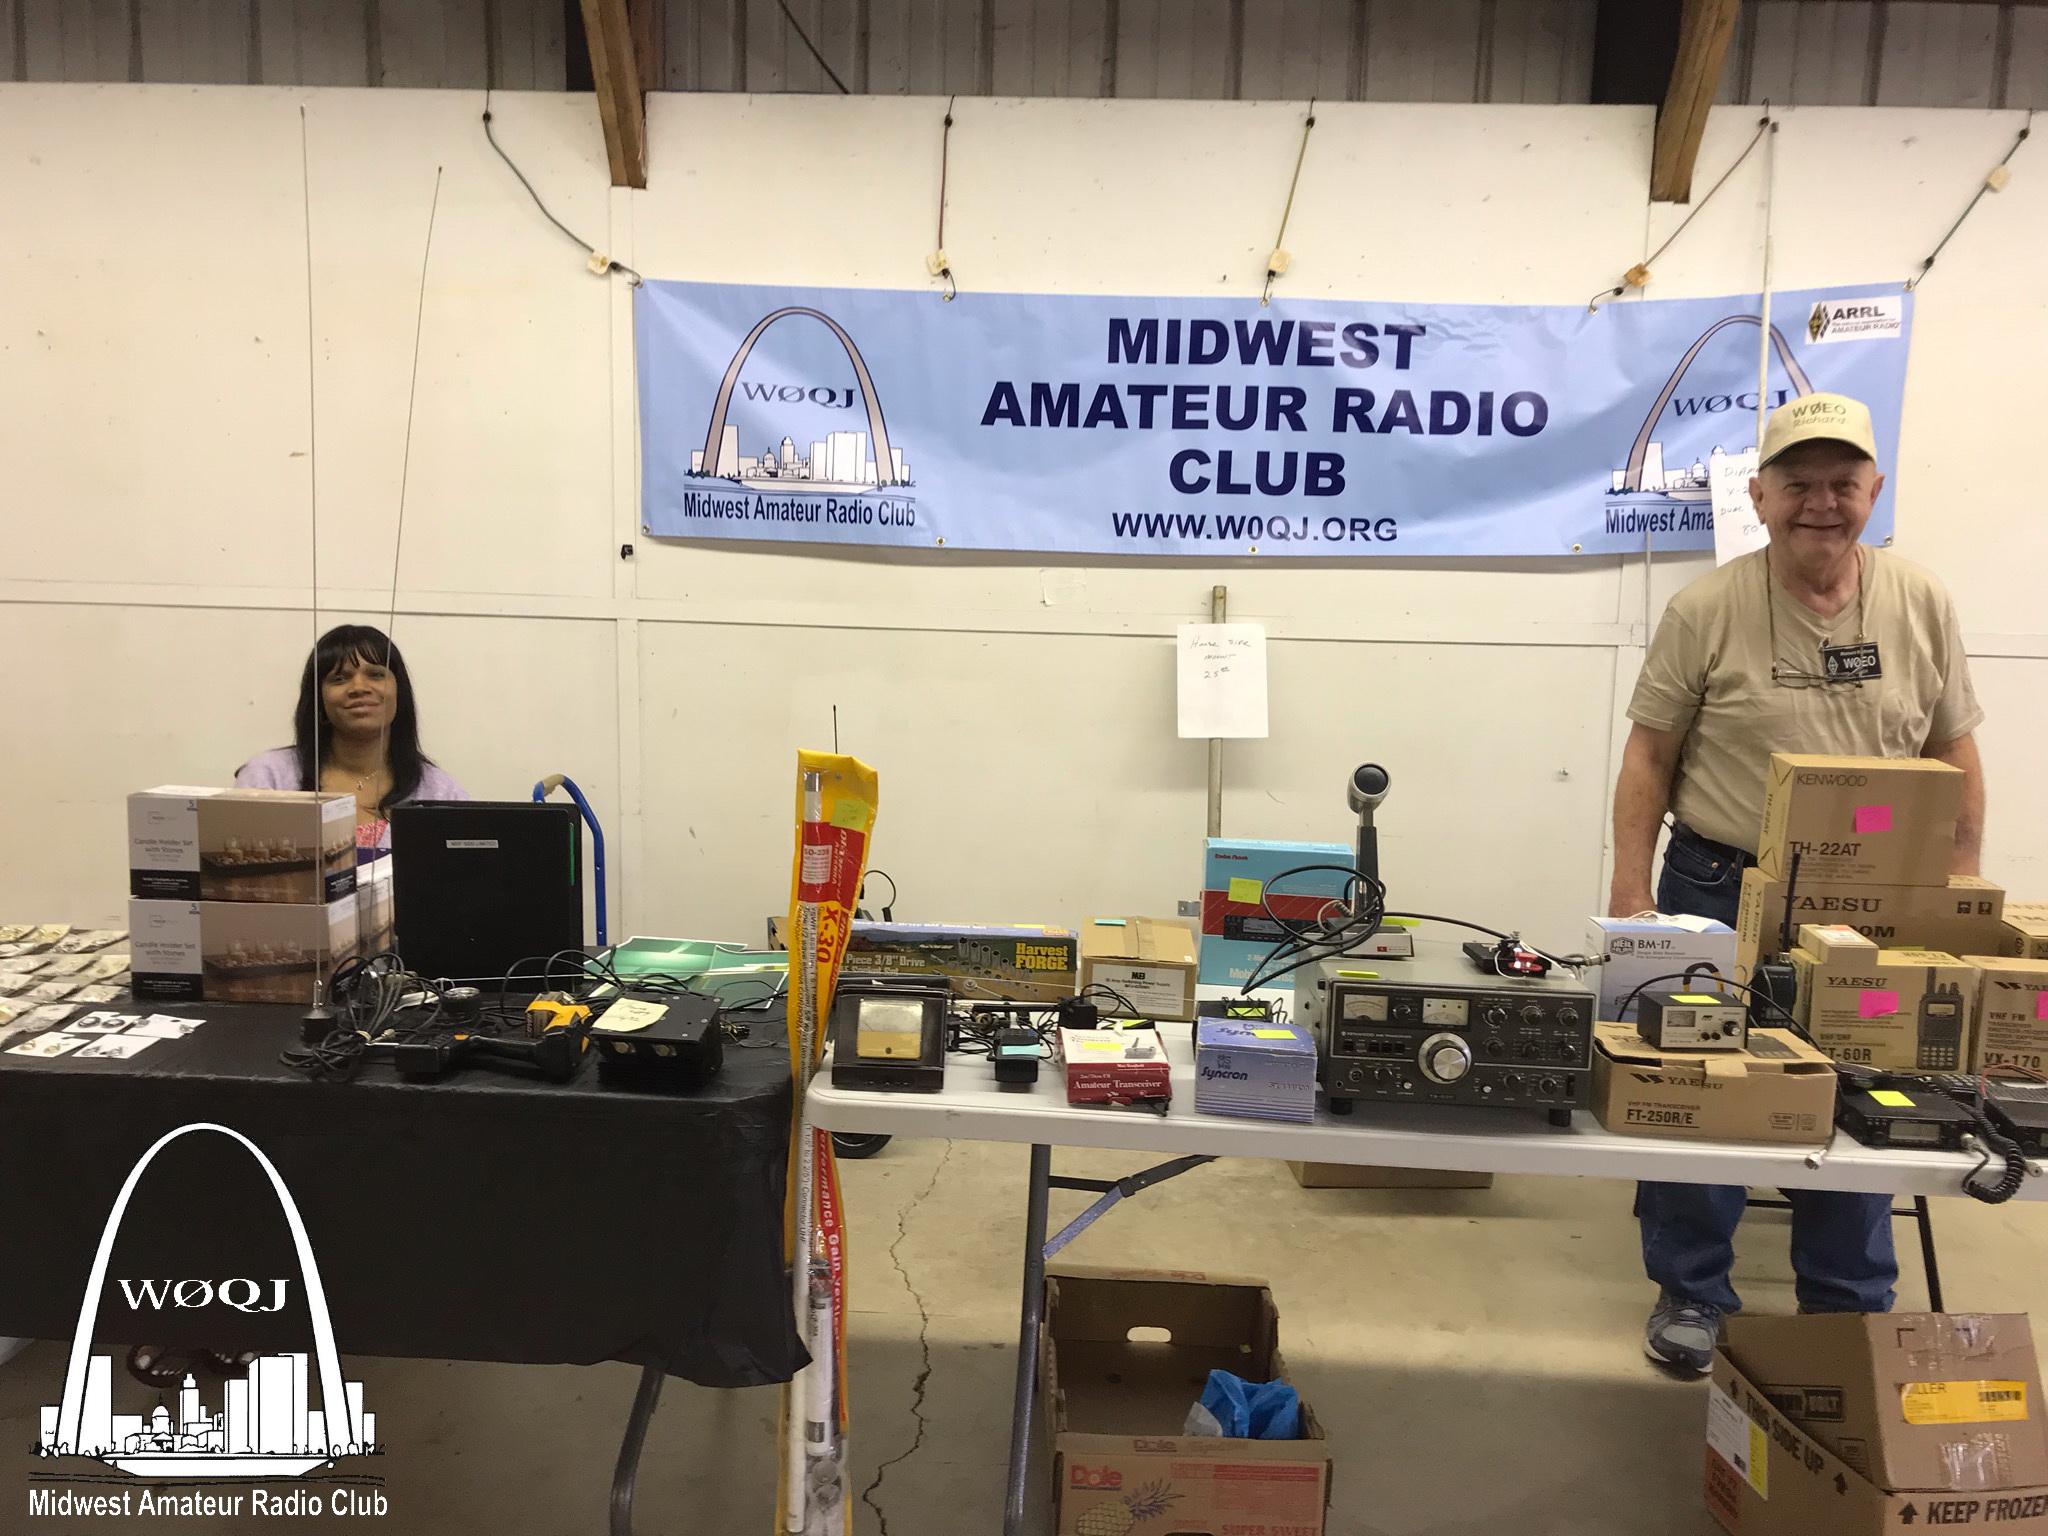 The DEKALB Hamfest – 05/05/2019 – w0qj – Midwest Amateur